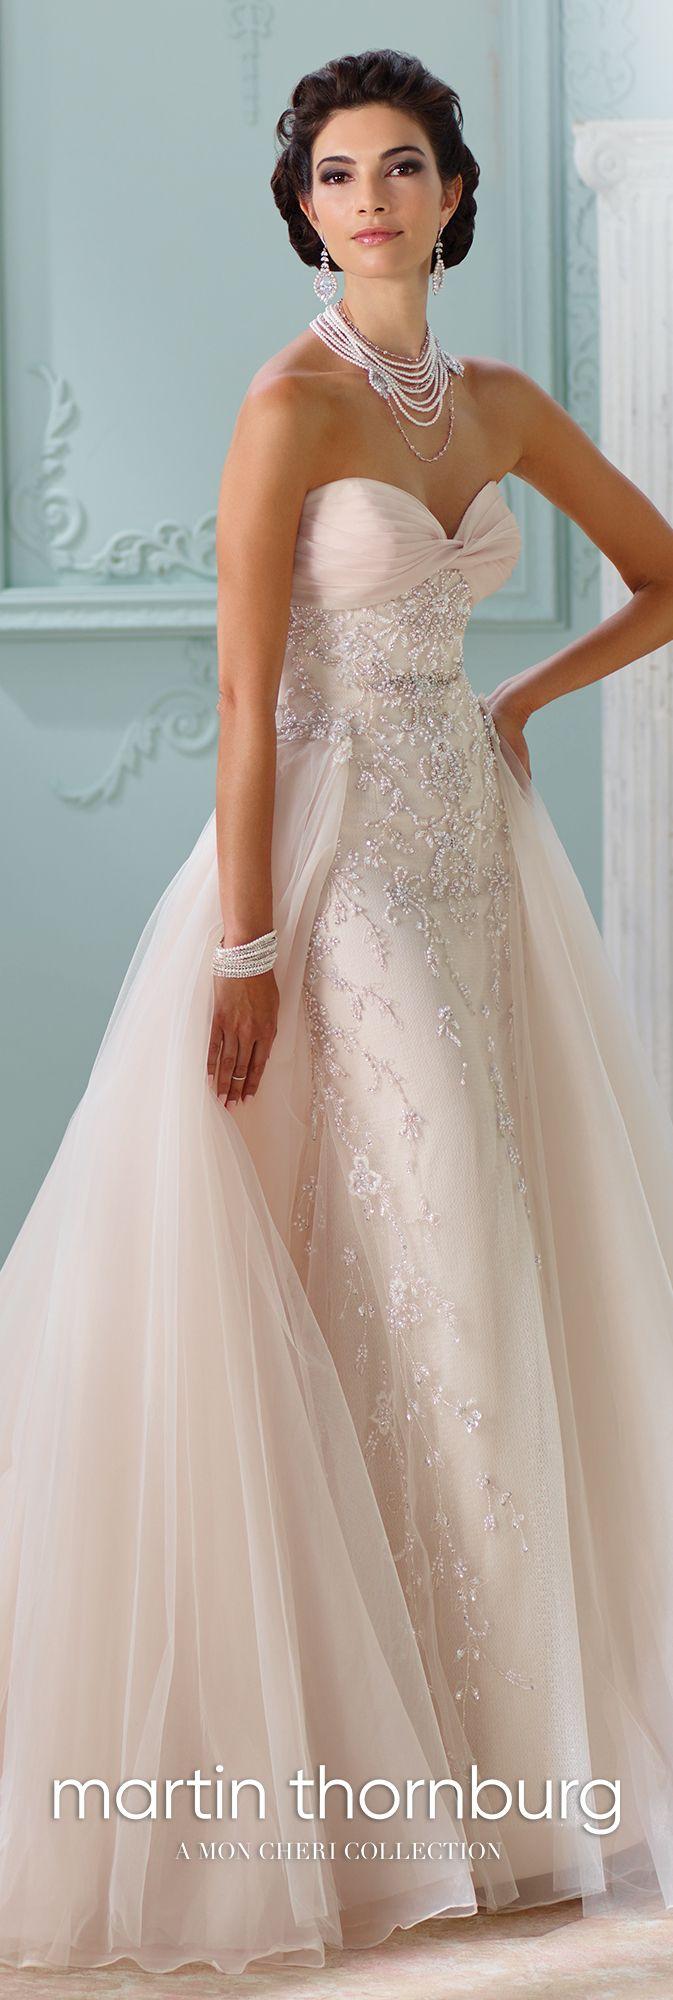 Unique wedding dresses fall martin thornburg dress set